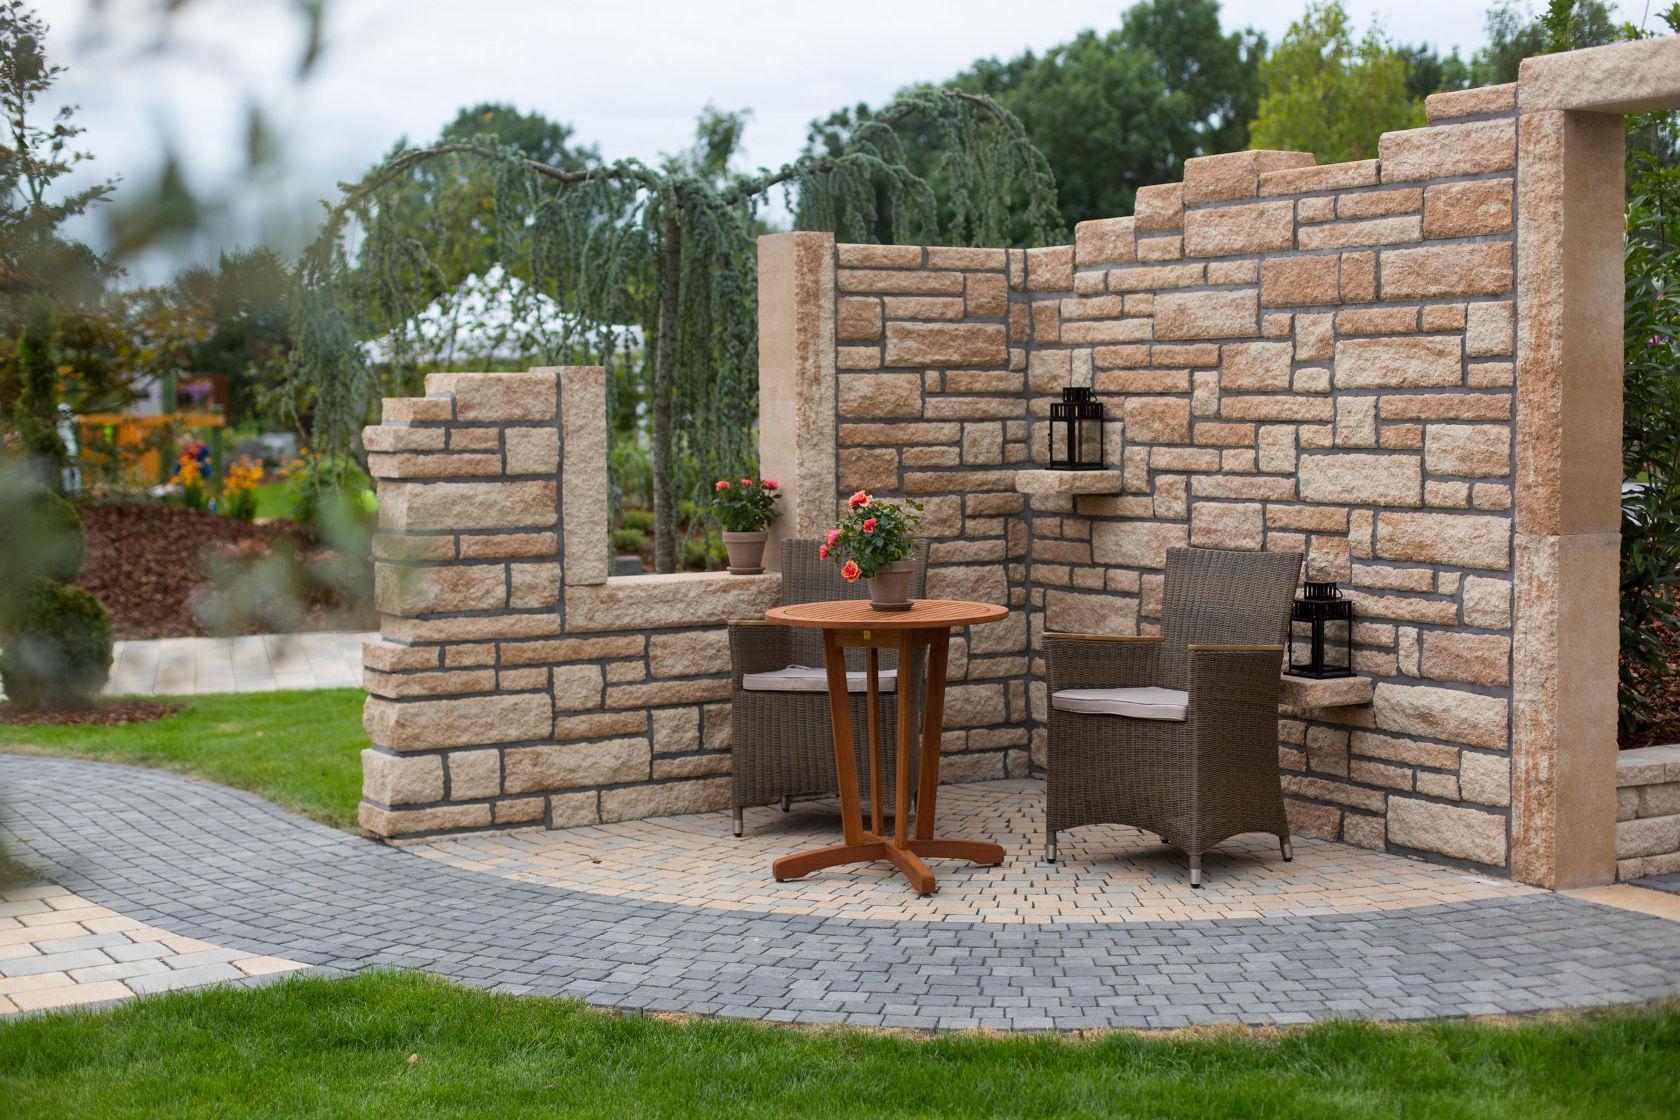 Ruinenmauer und Holzmöbel für eine mediterrane Sitzecke im Garten.